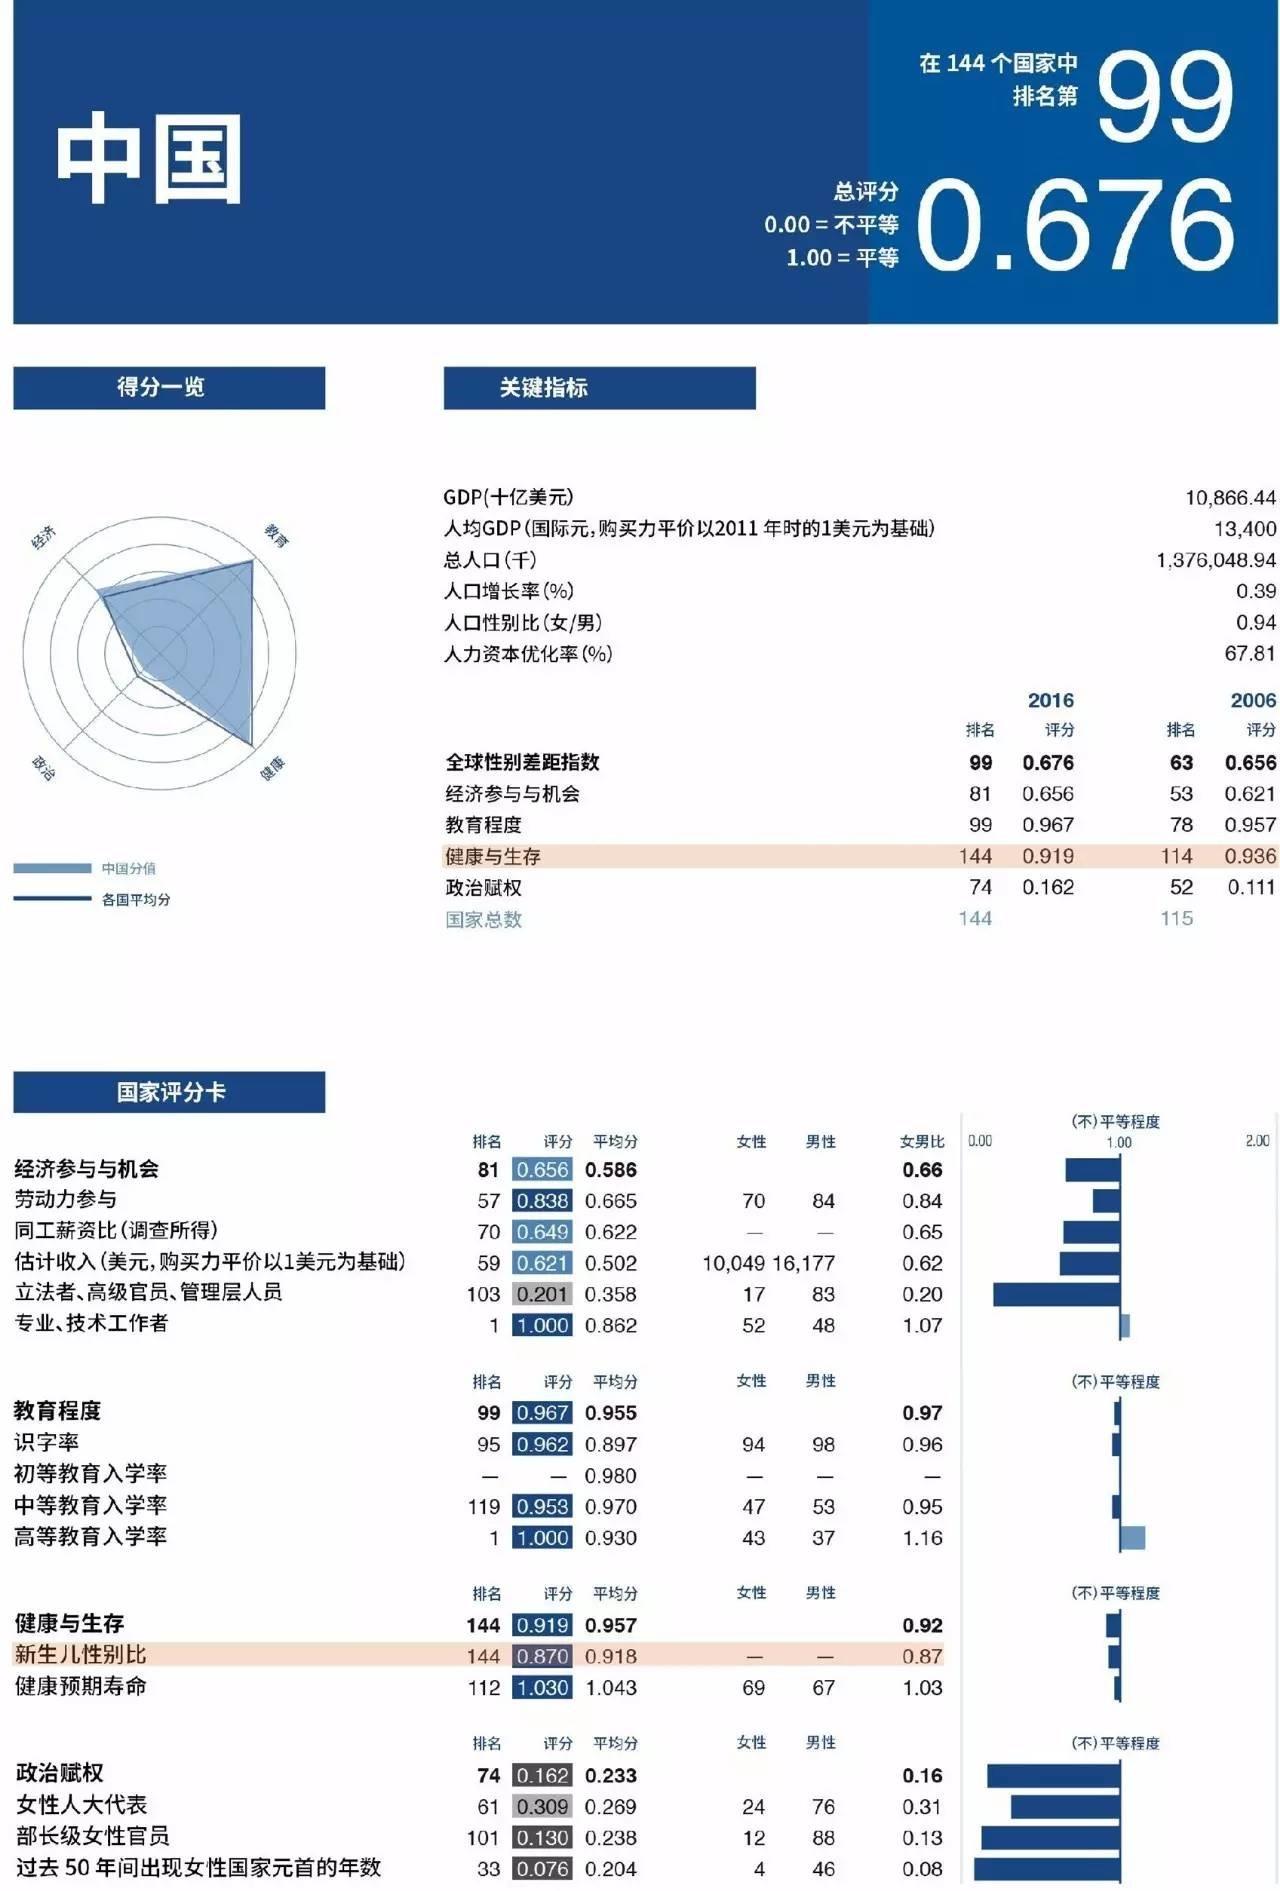 图:中国在四类评估指标中的详细数据情况 来源:JoinFeminism字幕组  翻:@世界上限最高女帝玉娇龙 @Yuui_Cocoon  校:@光藓- @ToscanaSunshine  美工:@aipsider